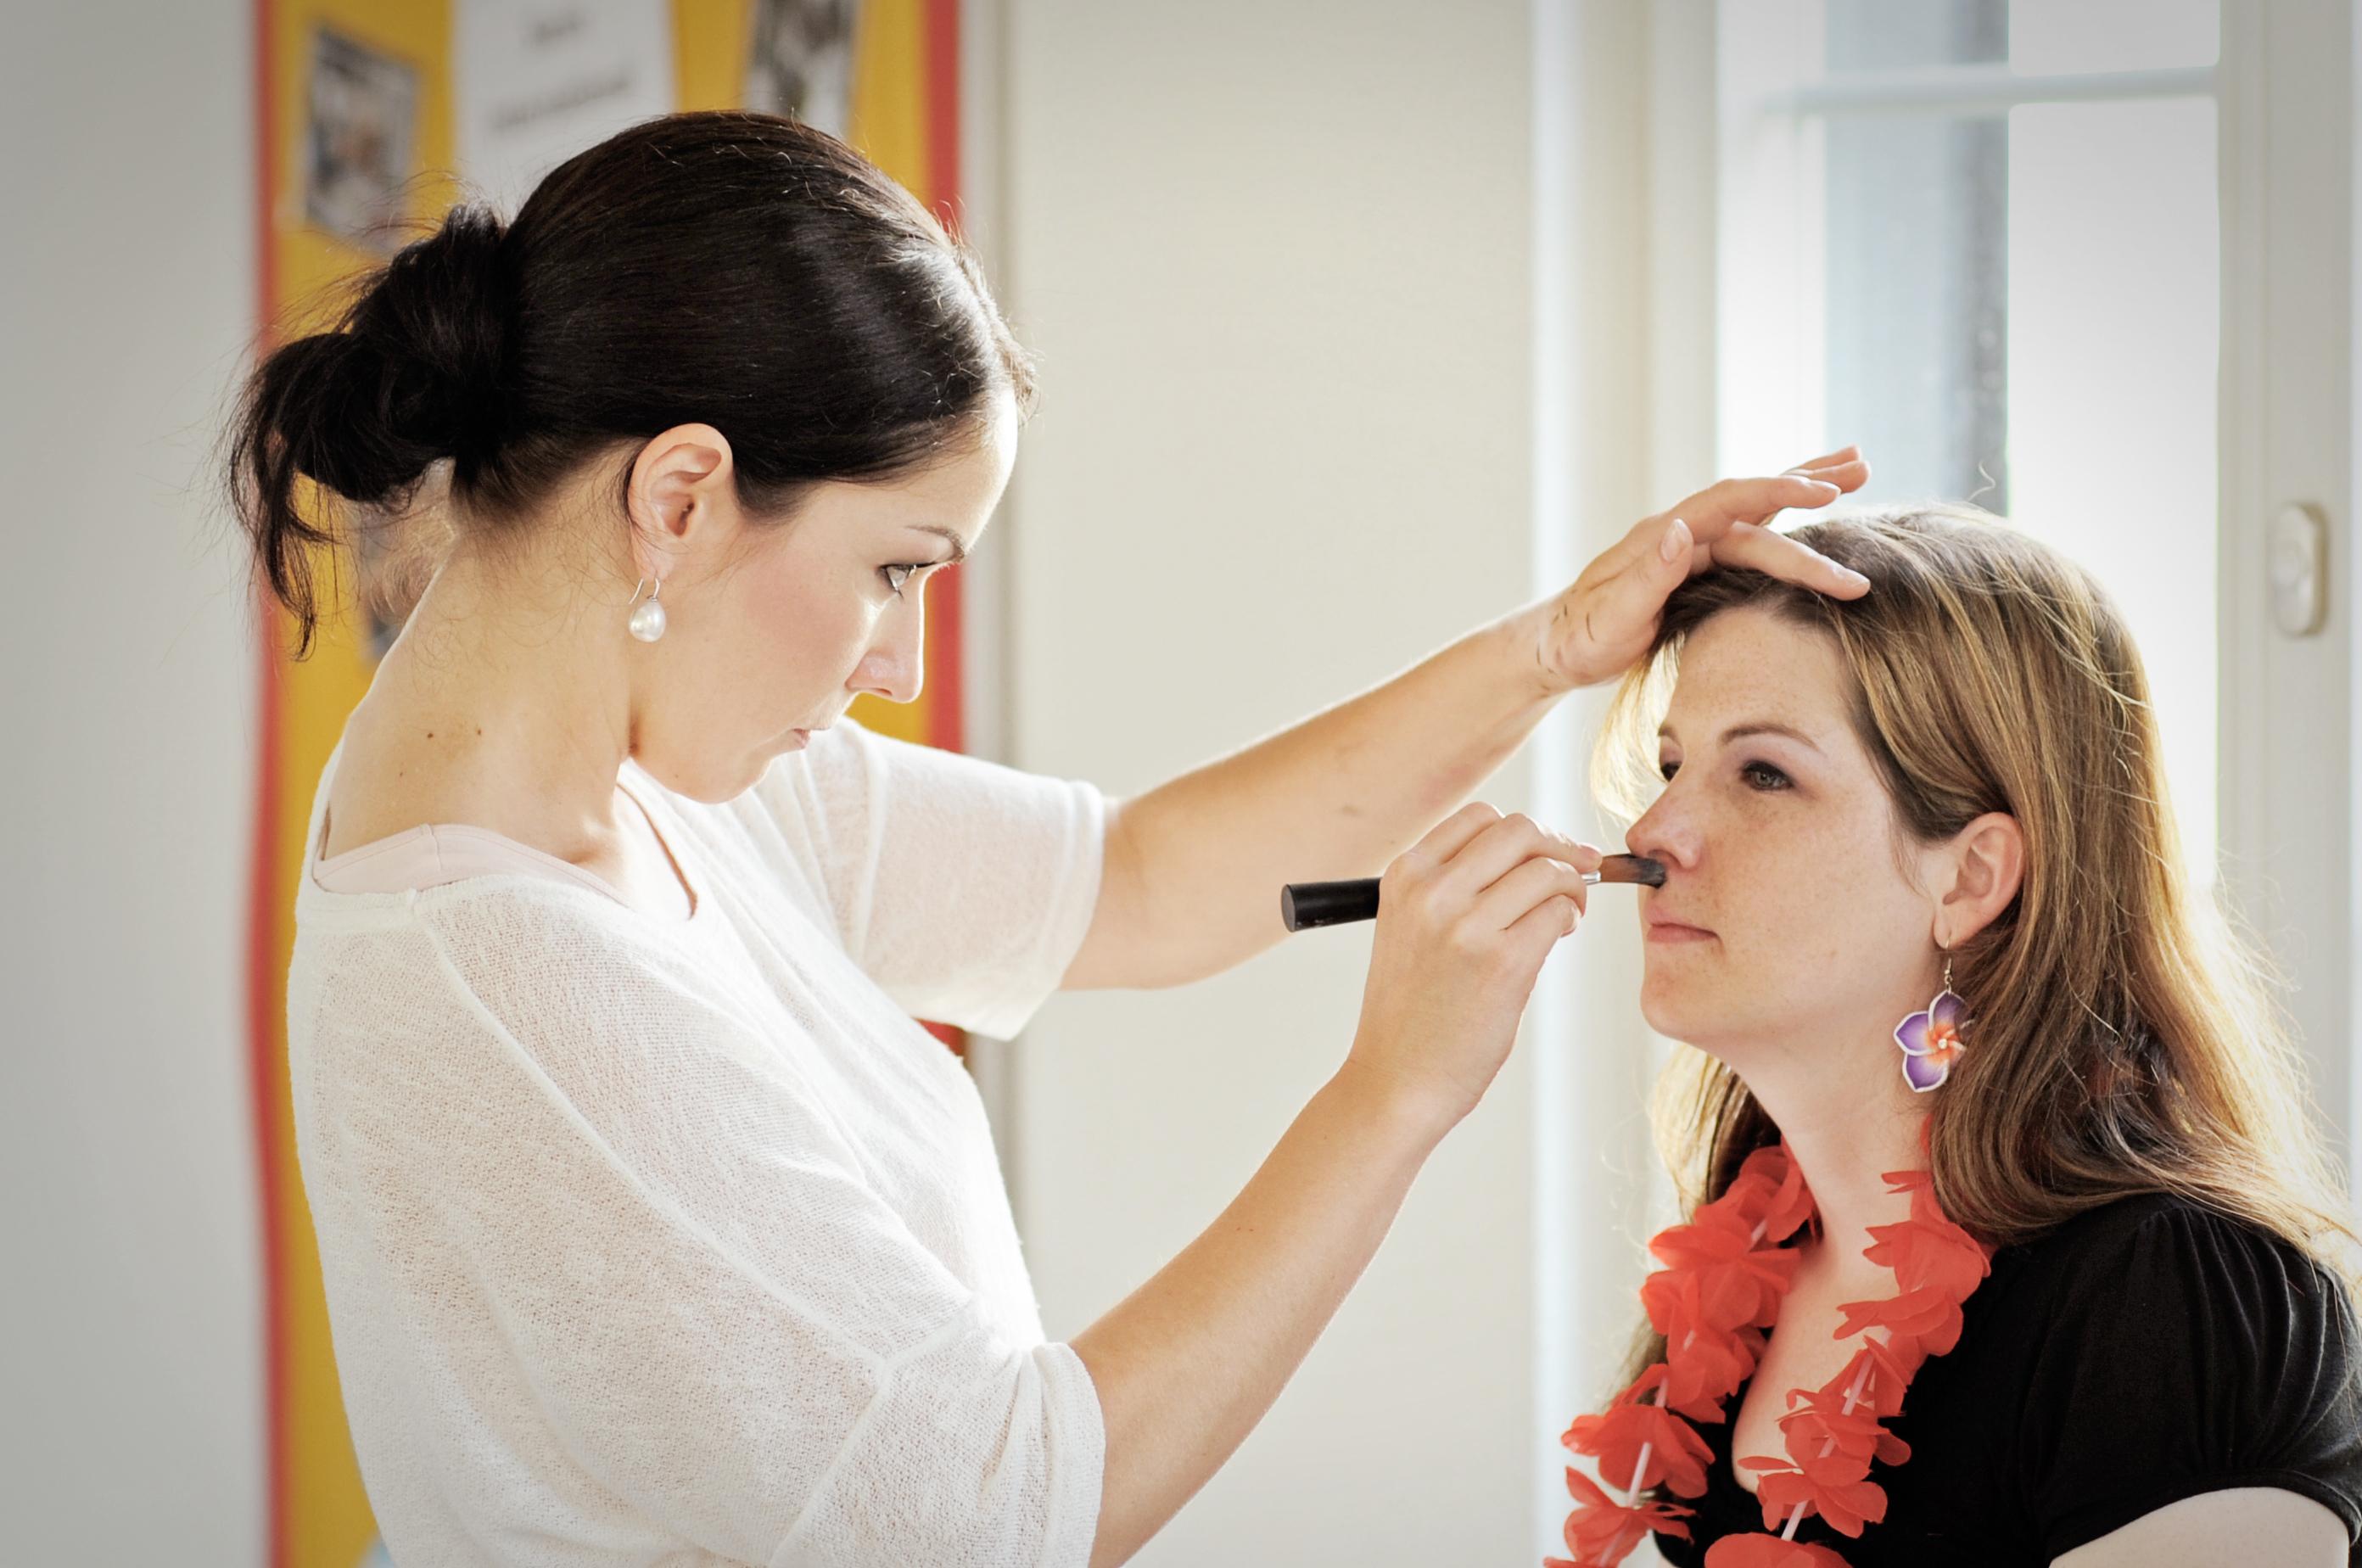 Kosmetikinstitut Weggis: Schminkkurs